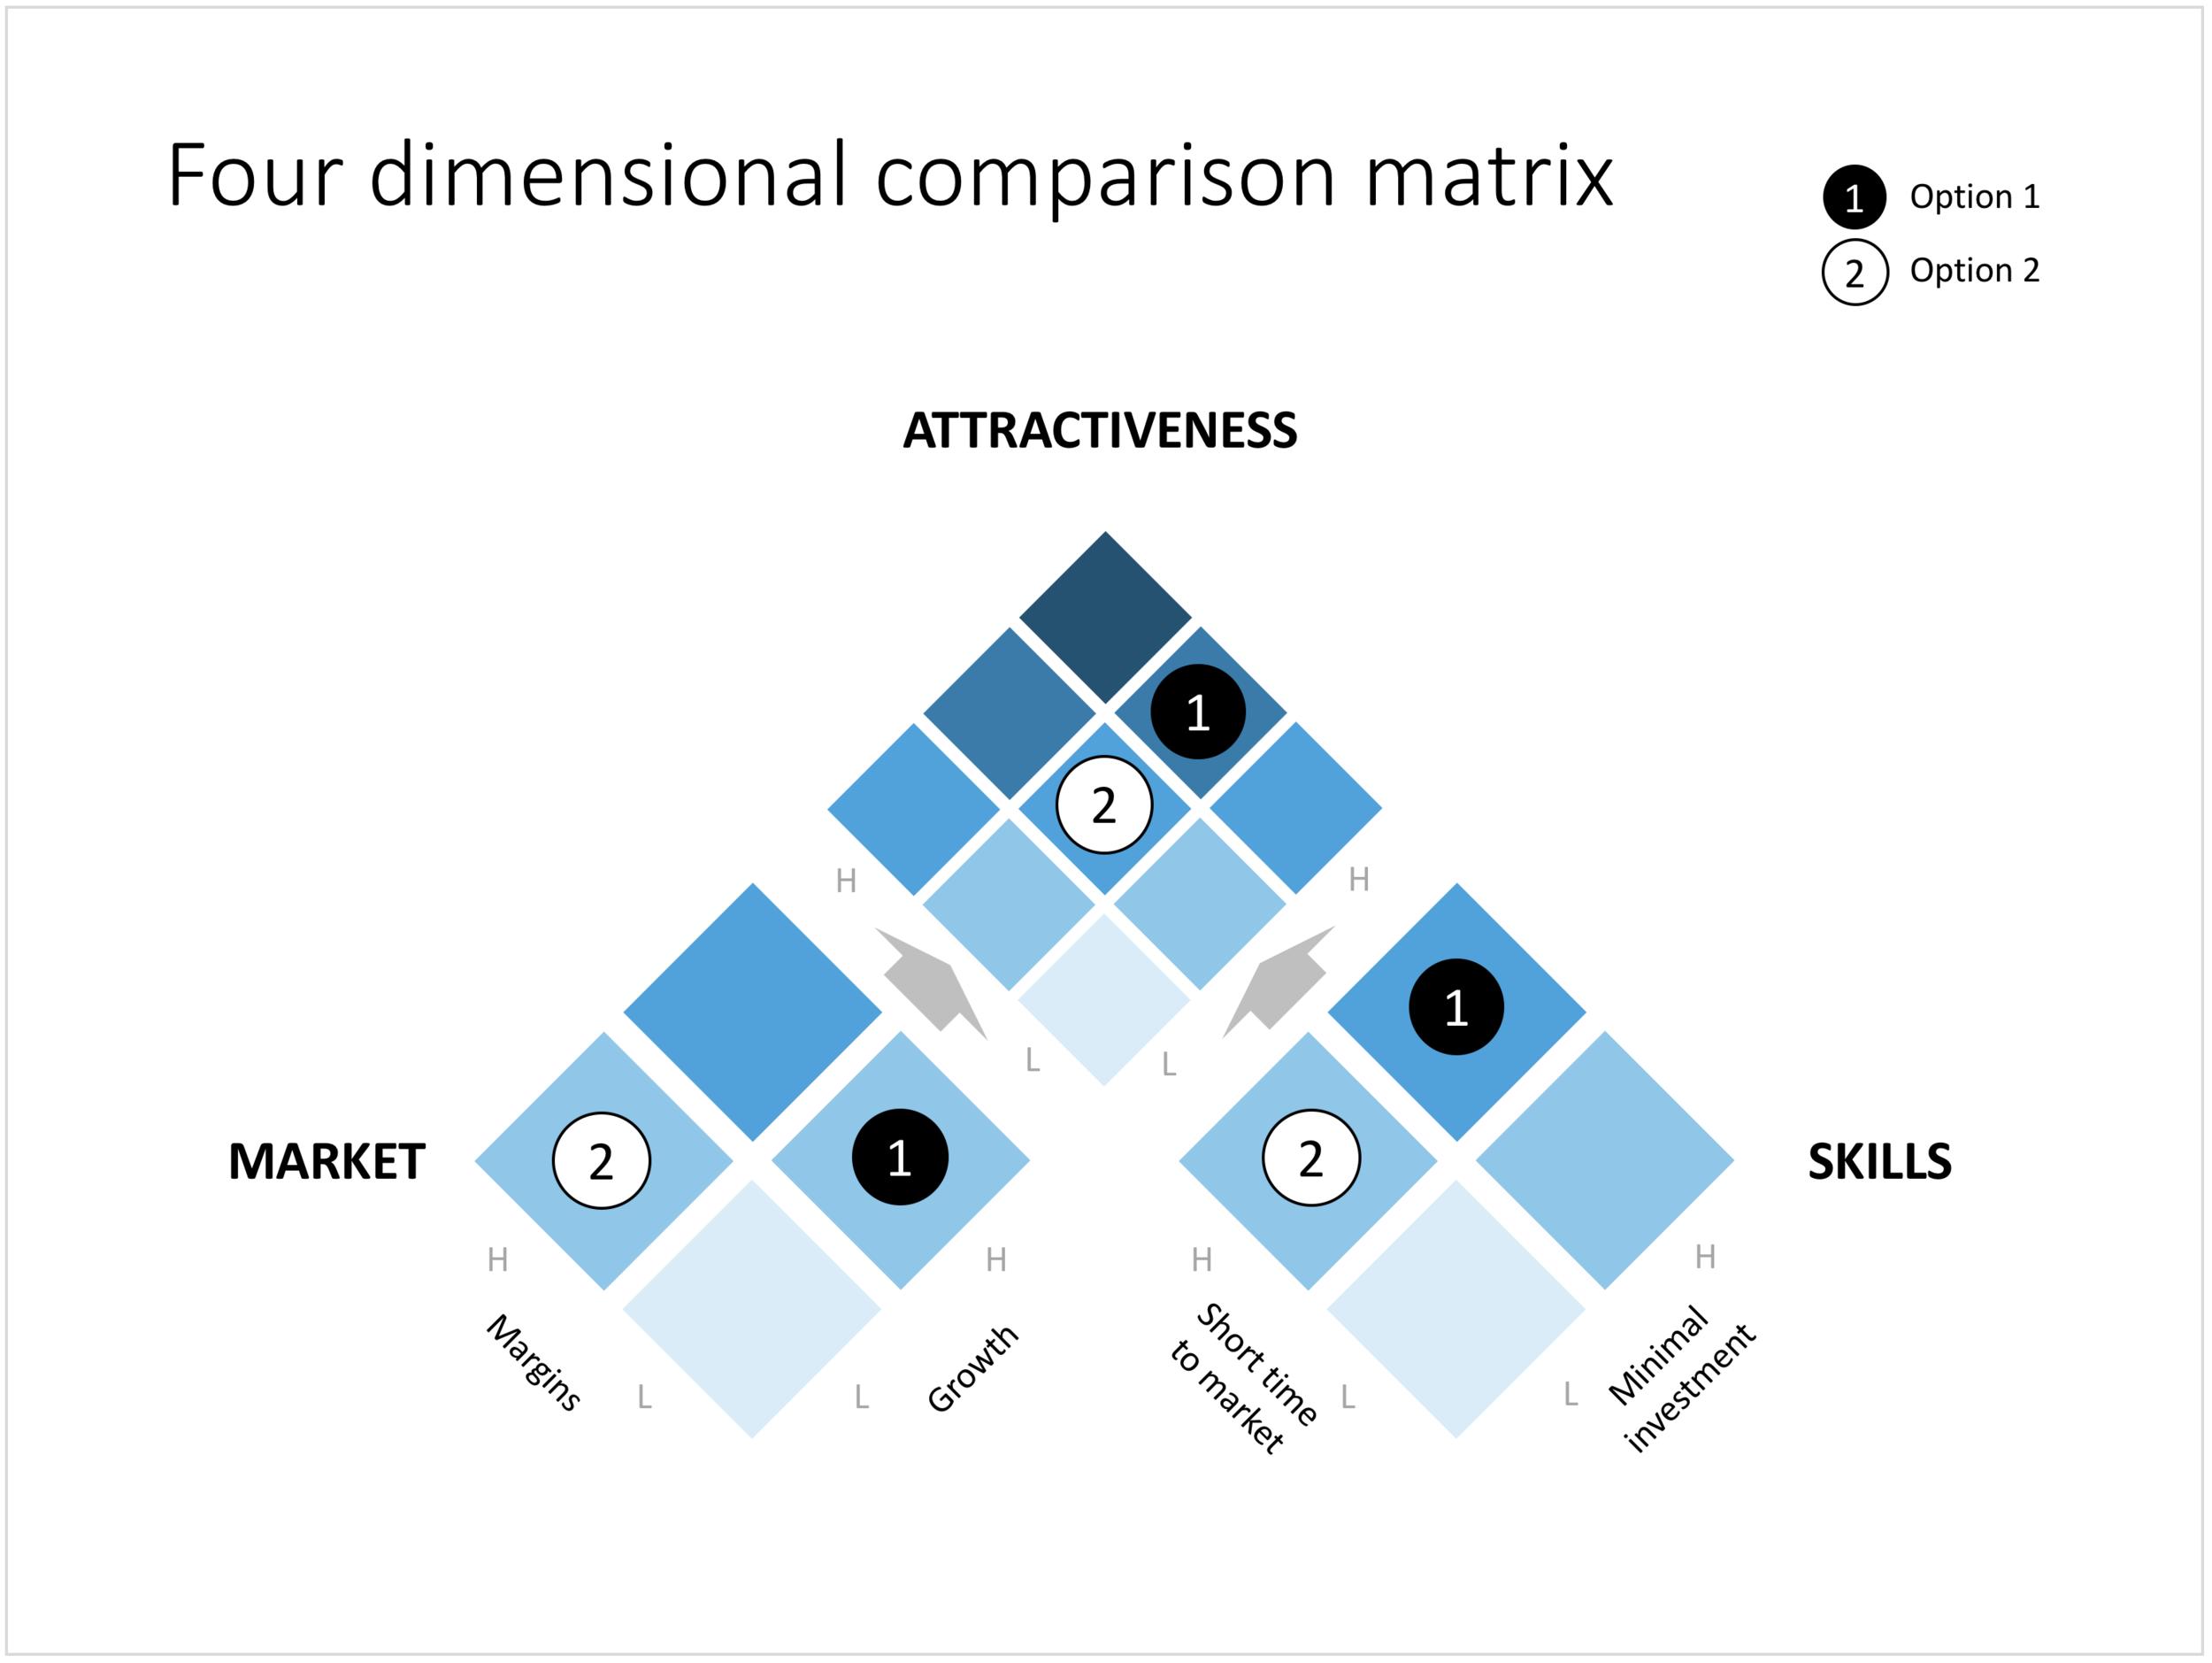 242 - Four dimensional comparison matrix.png